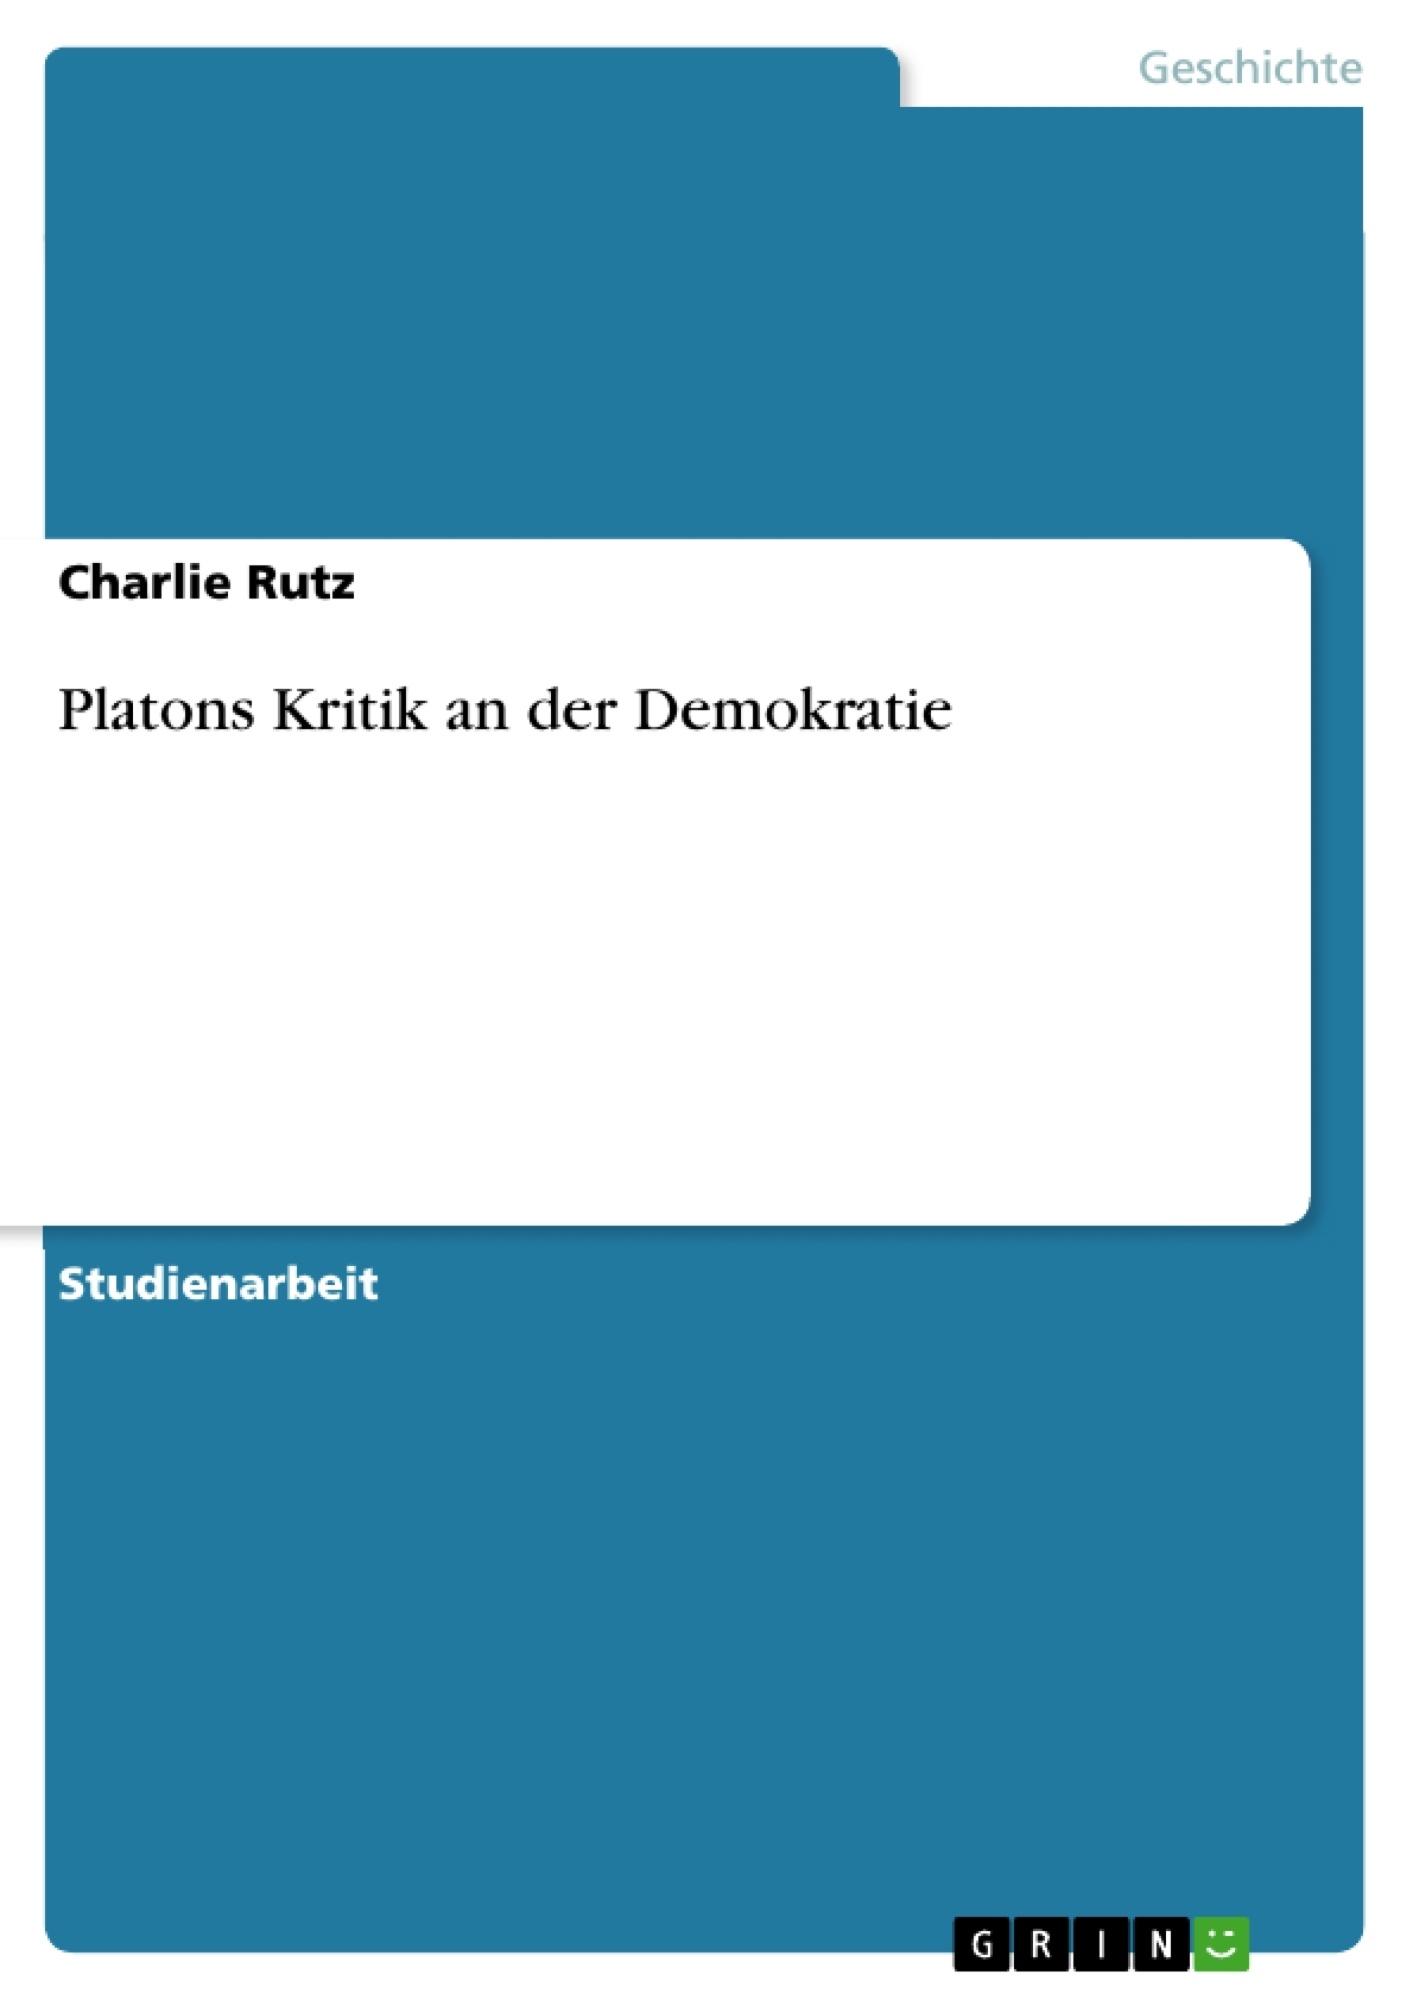 Titel: Platons Kritik an der Demokratie